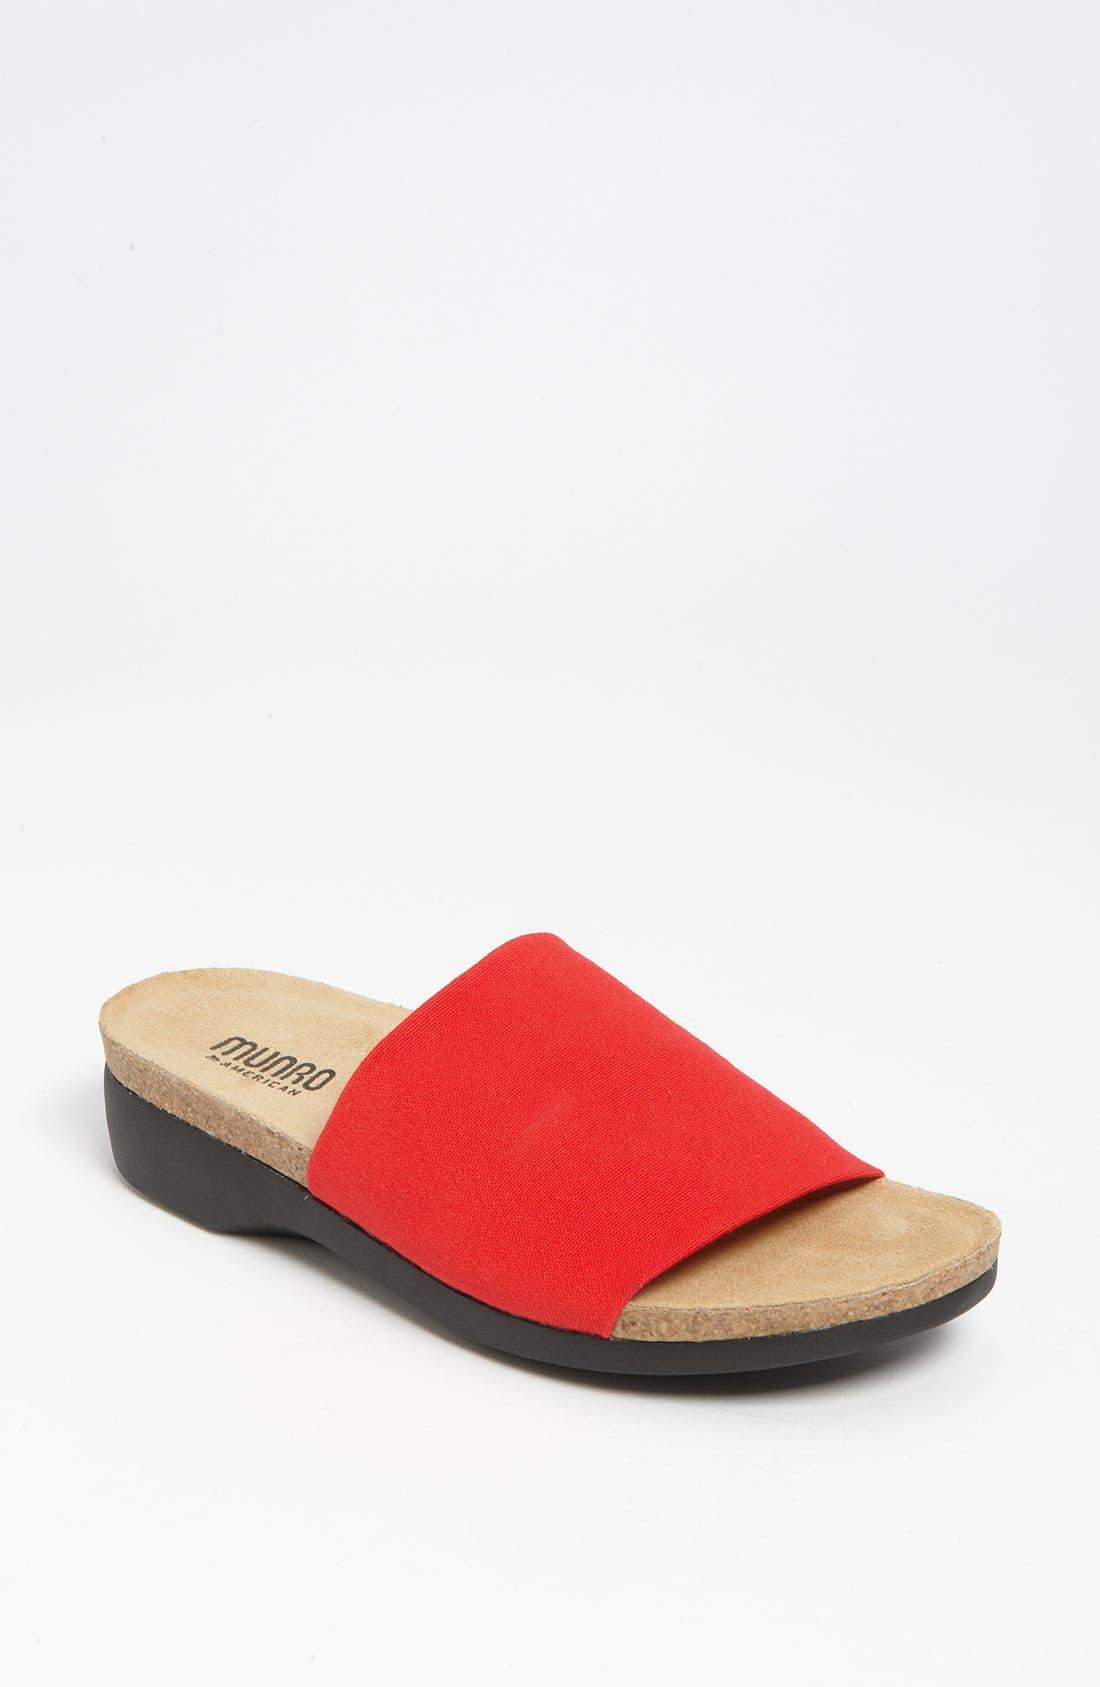 Alternate Image 1 Selected - Munro 'Aquarius' Sandal